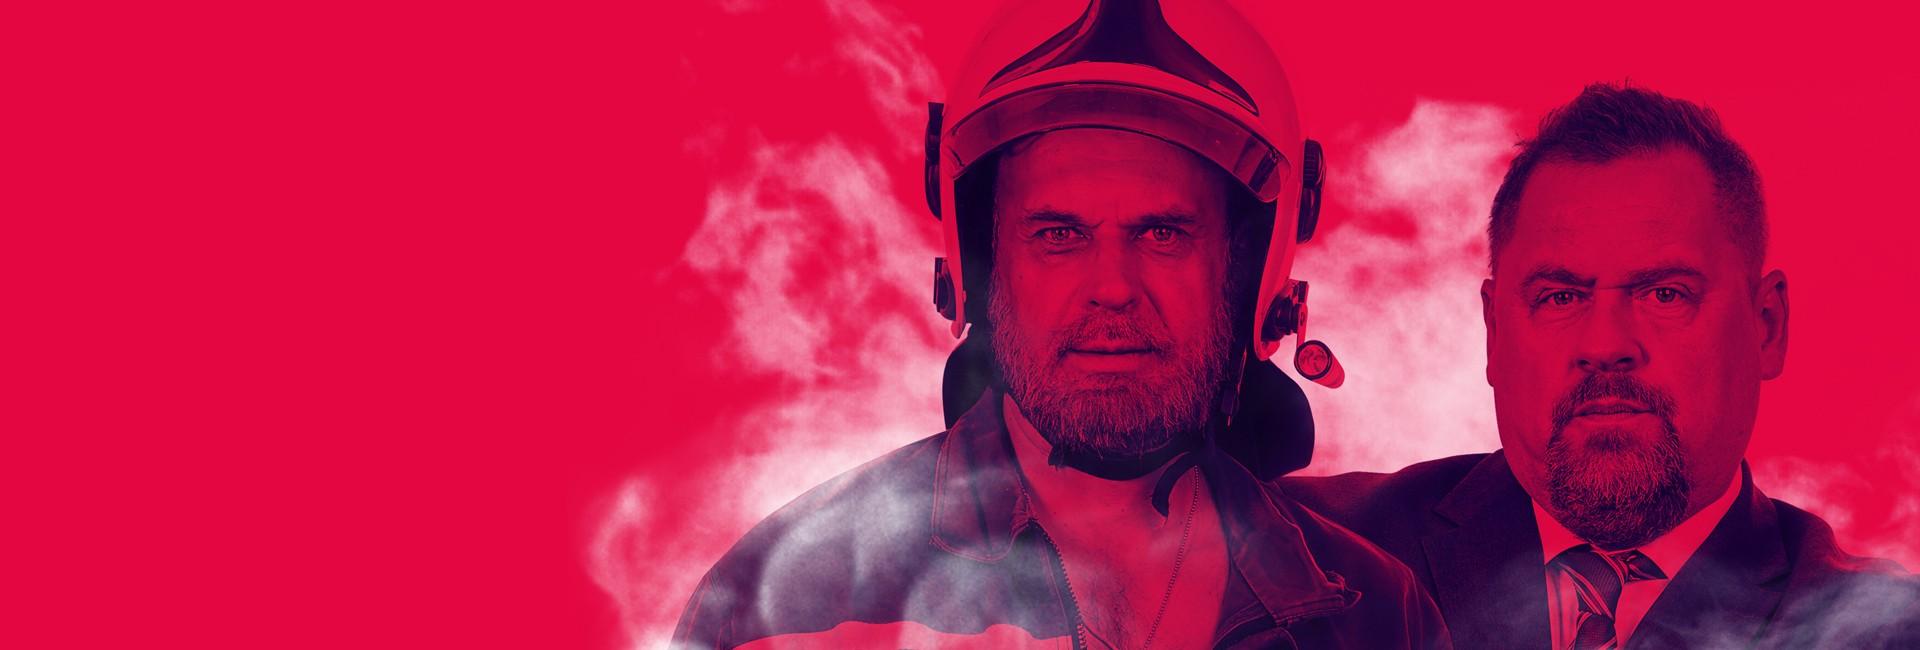 Co ste hasiči